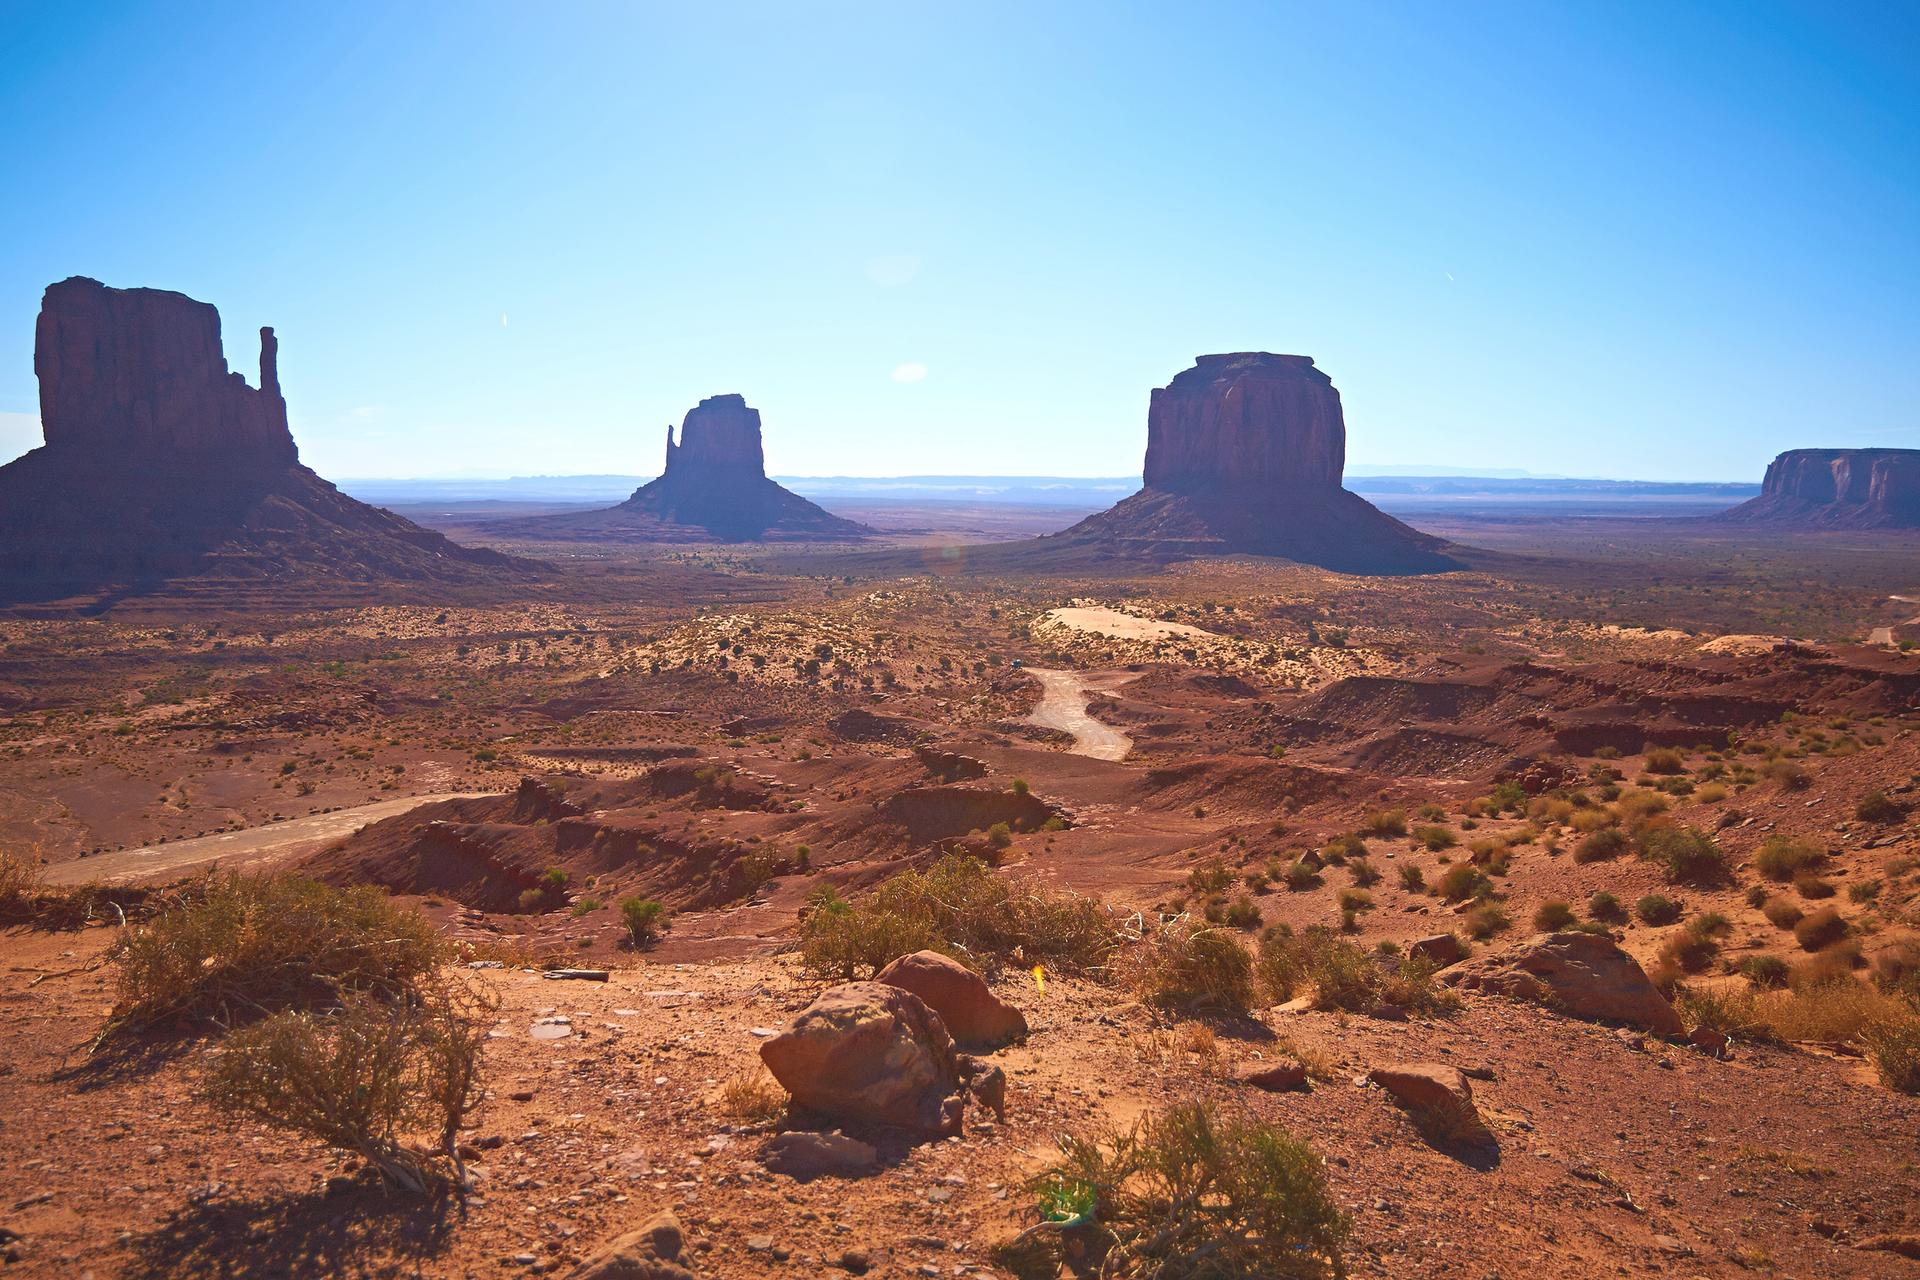 Fotografia prezentuje krajobraz pustyni skalistej strefy międzyzwrotnikowej